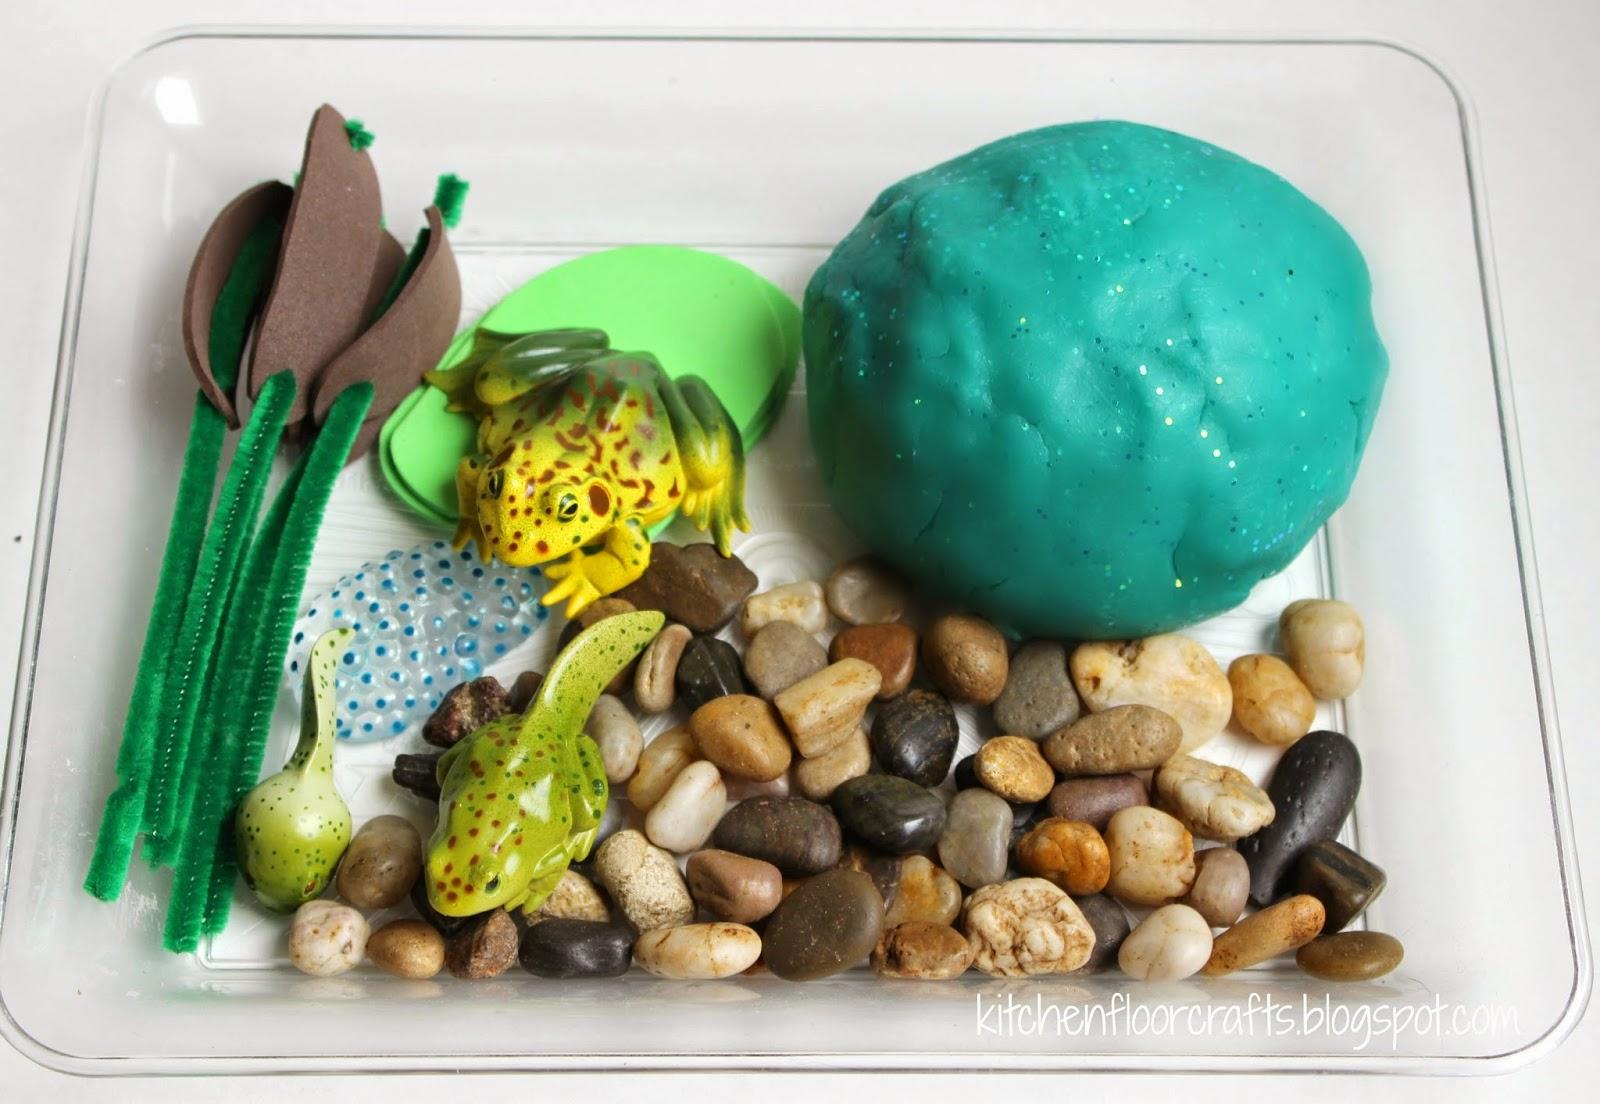 Kitchen Floor Crafts Frog Pond Playdough